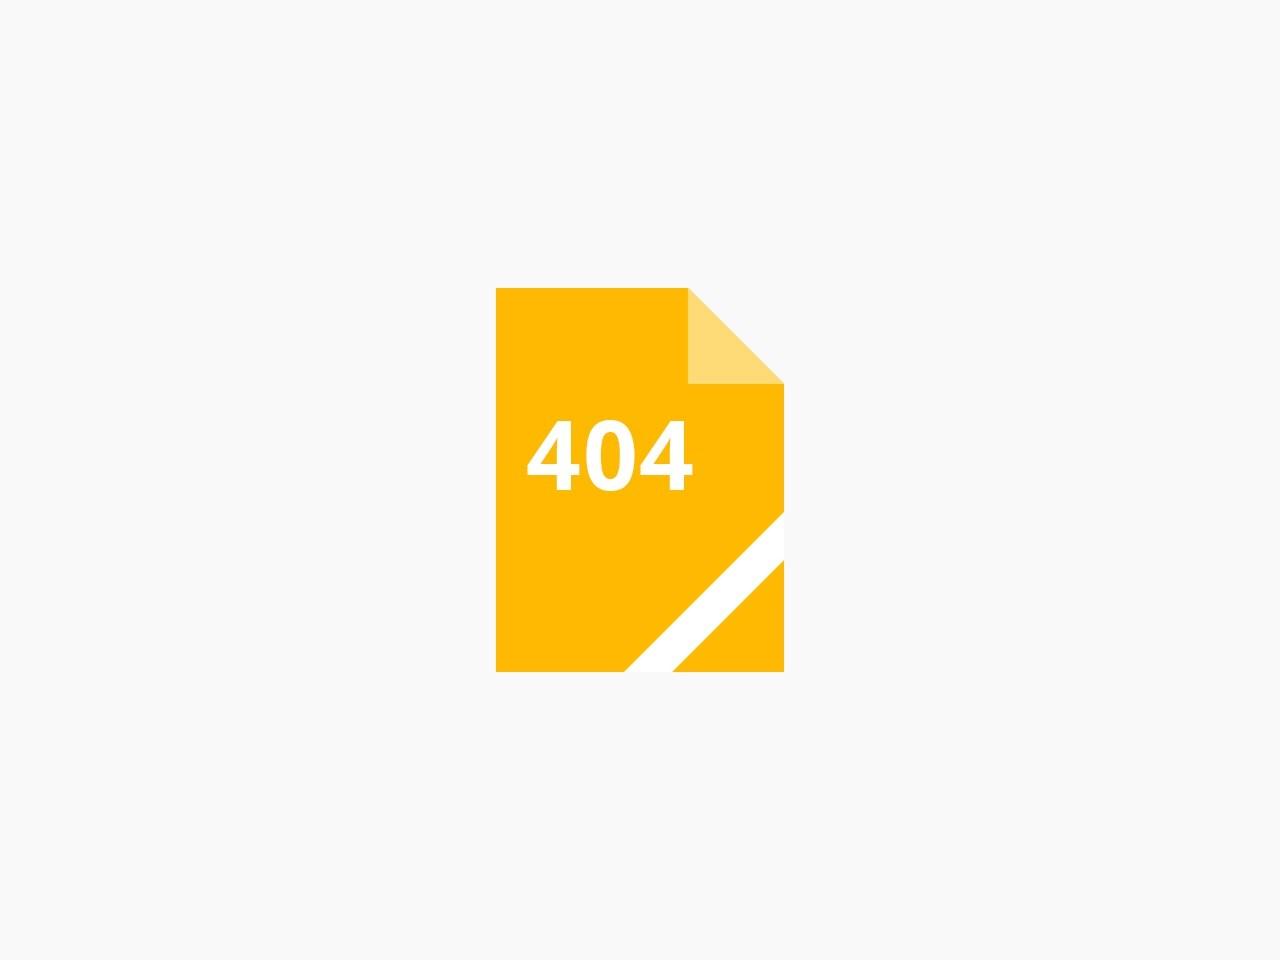 宗新婚介(www.zongxinlove.com)